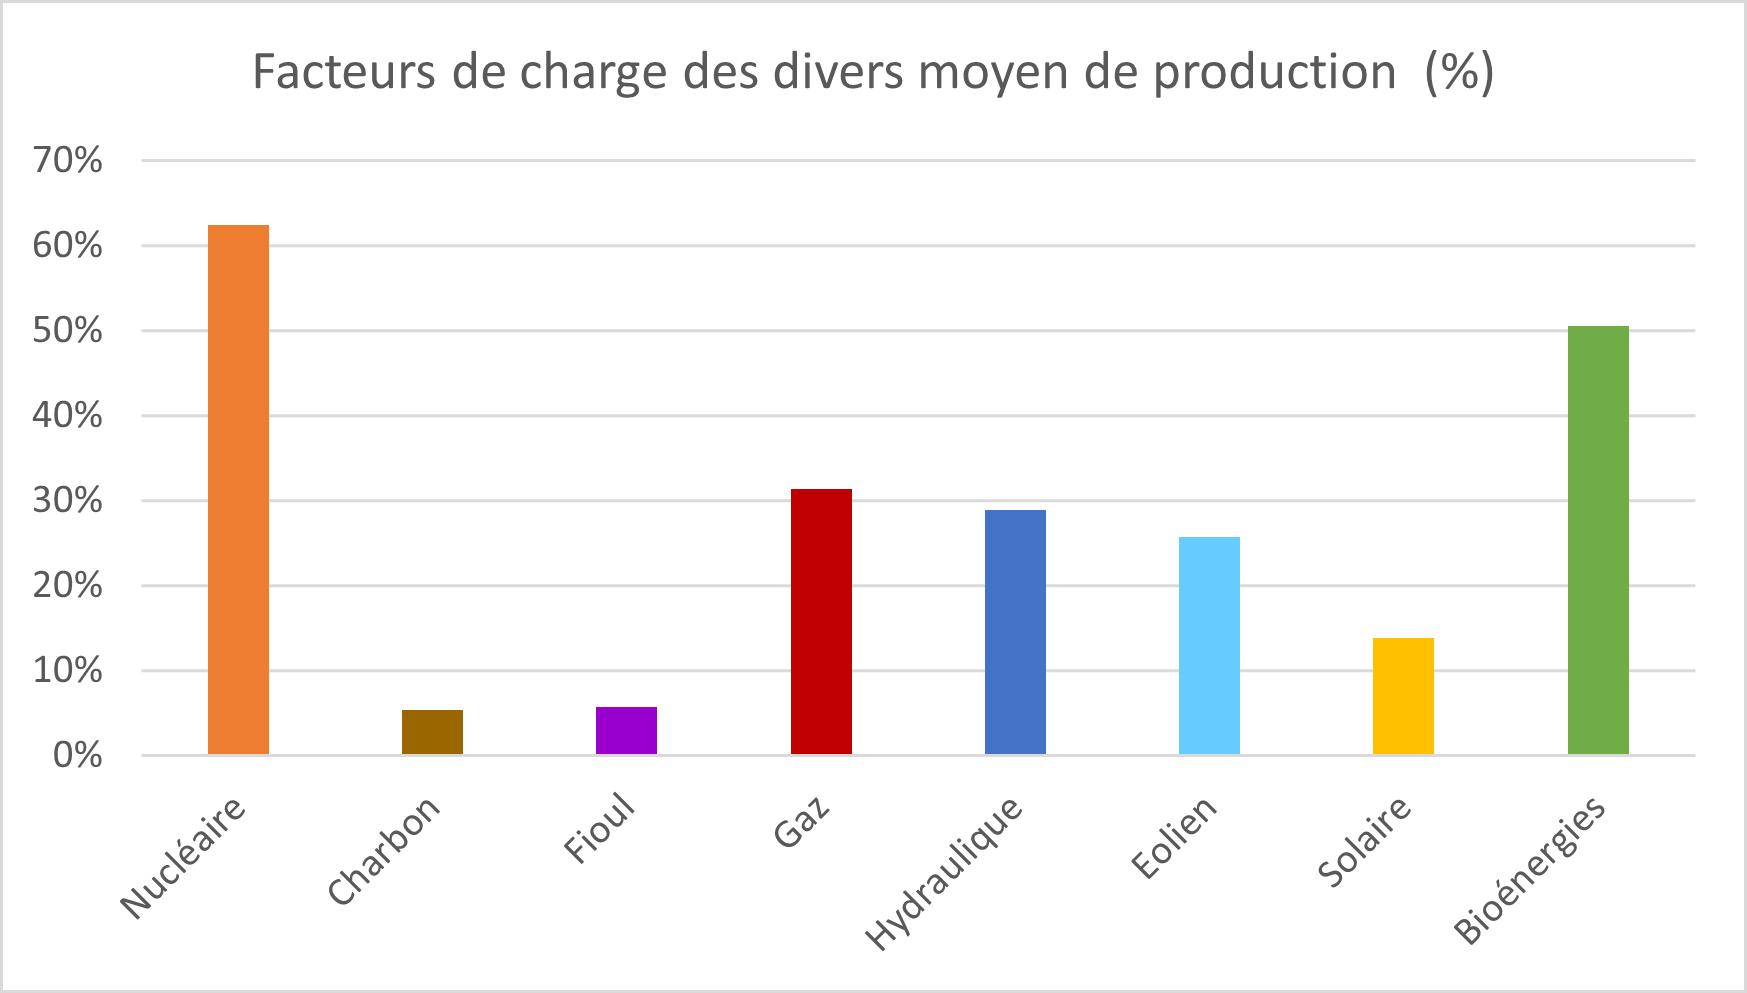 Figure 3 : Facteurs de charge des divers moyens de production (%) (source : RTE - Bilan électrique 2020)